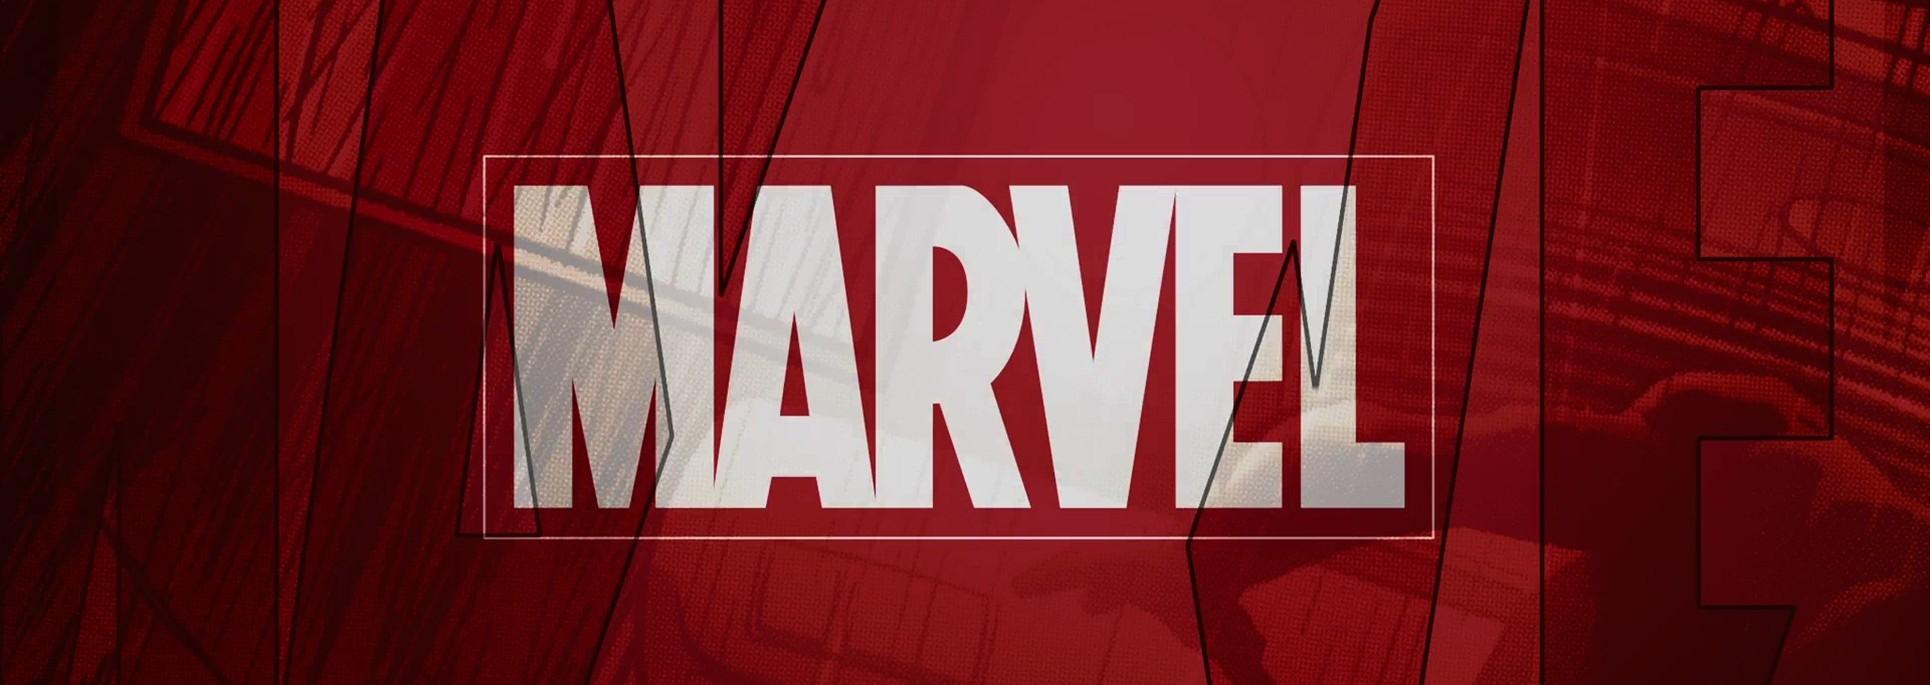 Marvel pracuje nad przynajmniej 9 serialami. A to dopiero początek